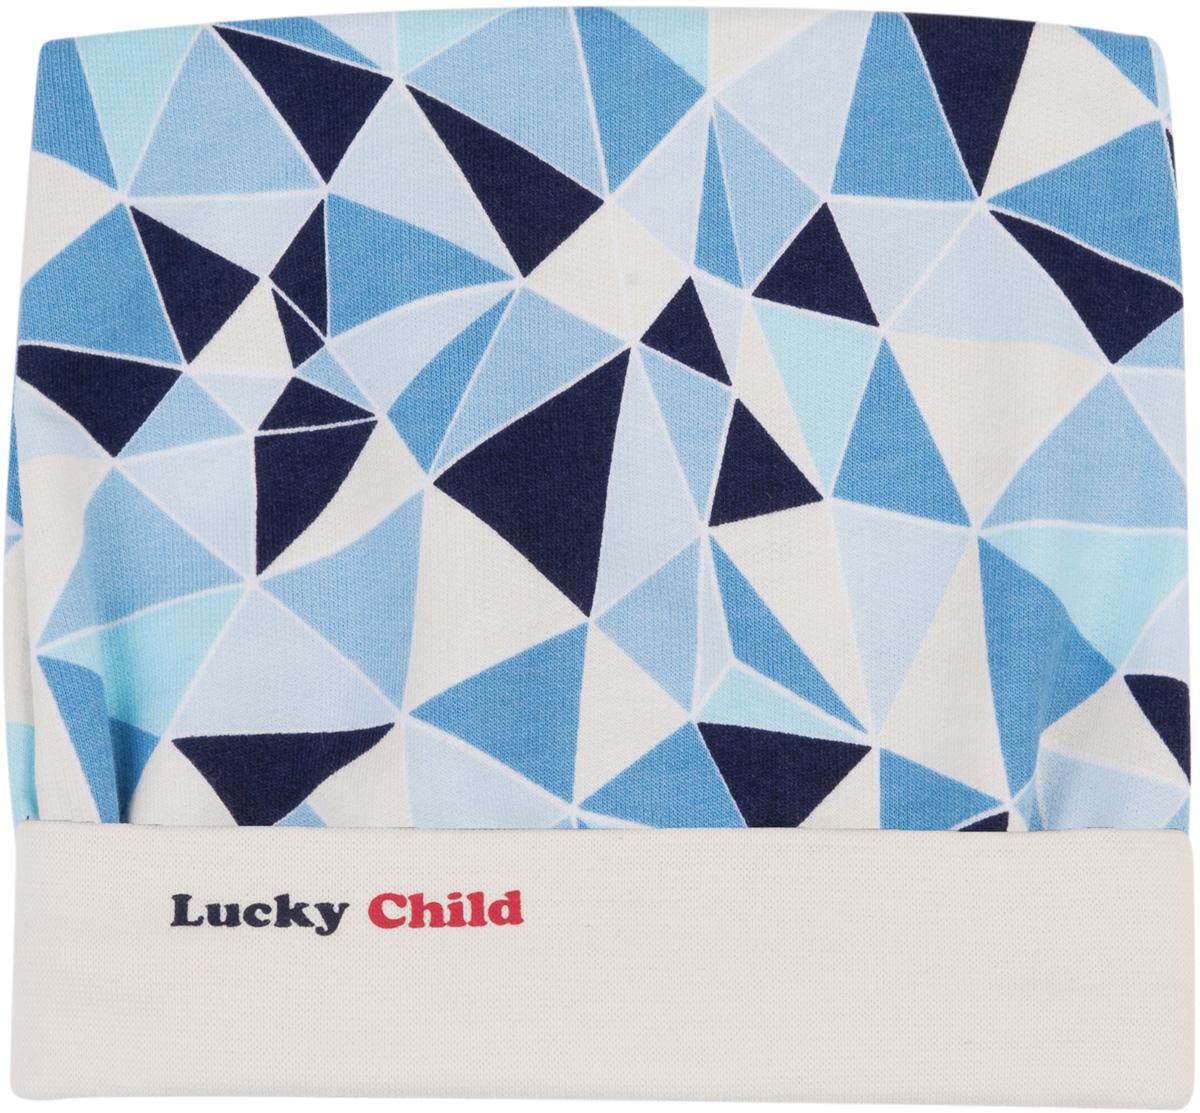 Шапочка для мальчика Lucky Child, цвет: голубой, синий. 32-9ф. Размер 4232-9фШапочка выполнена из футера высшего качества, благодаря этому она будет держать форму и не выцветать. Резиночки этой модели хорошо прилегают к личику малыша и обеспечивают защиту ушек от ветра и холода.